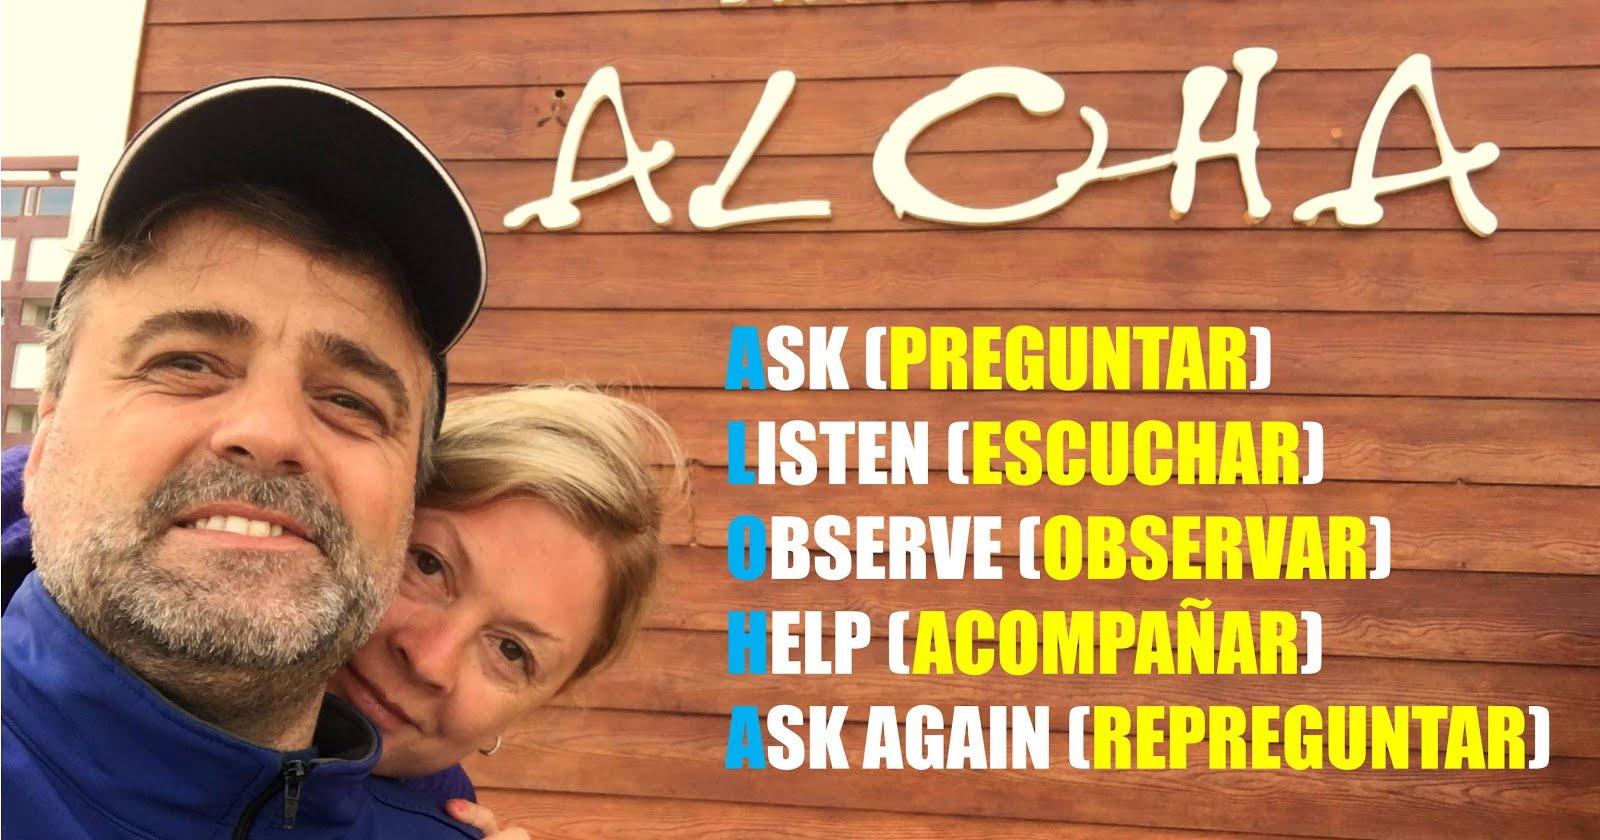 #Tool ALOHA, estoy presente aquí contigo ¿Cómo nos relacionamos con el otro?